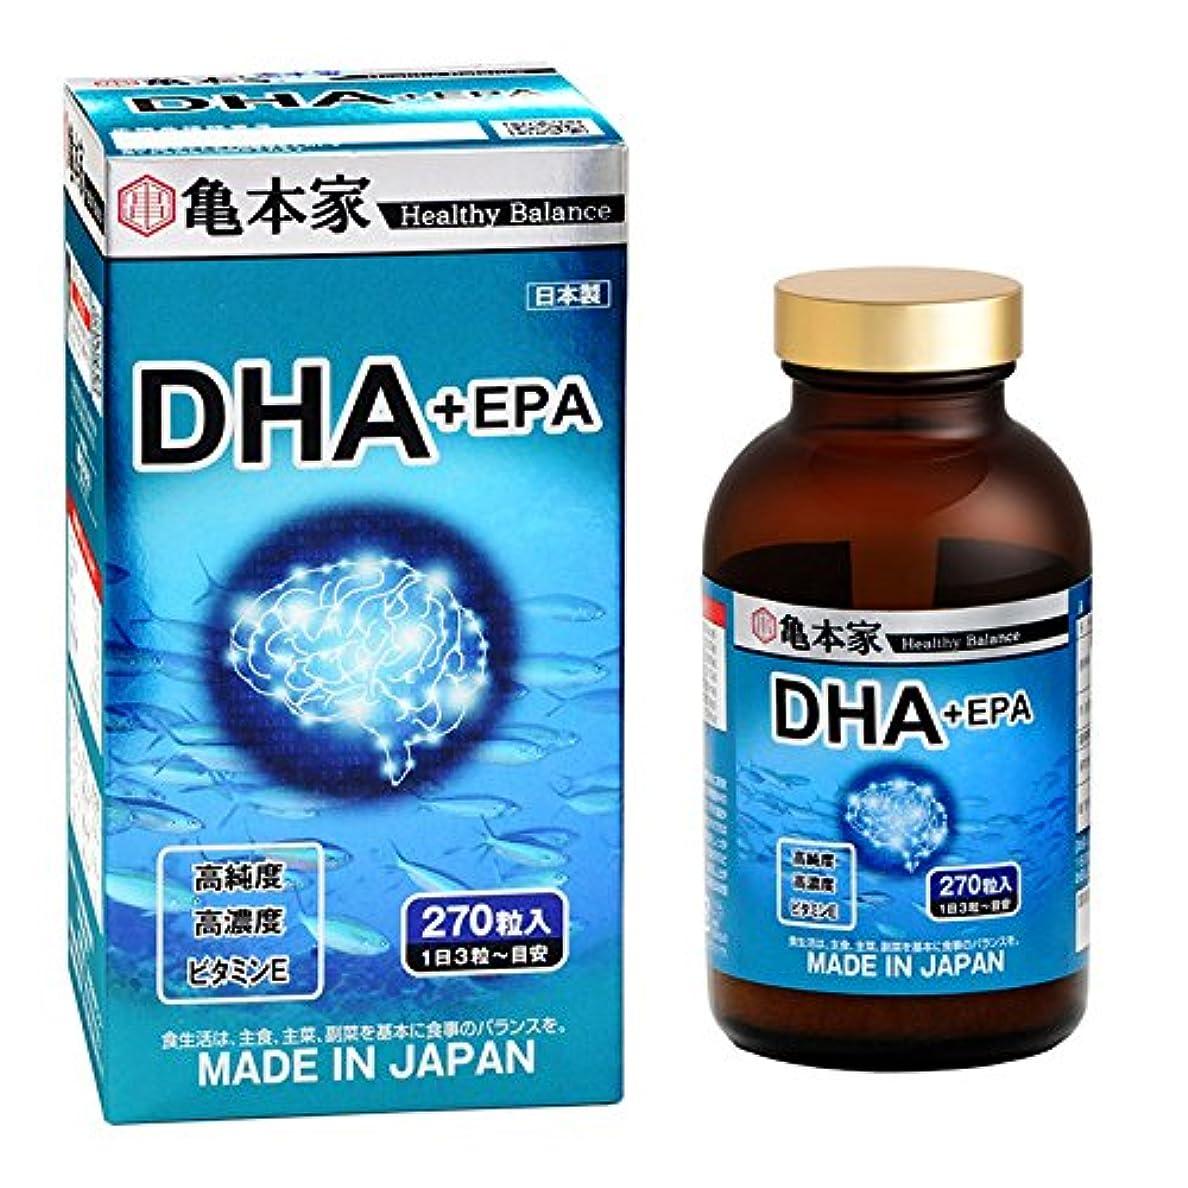 恐怖レイアウト結核亀本家 DHA+EPA -SH762285